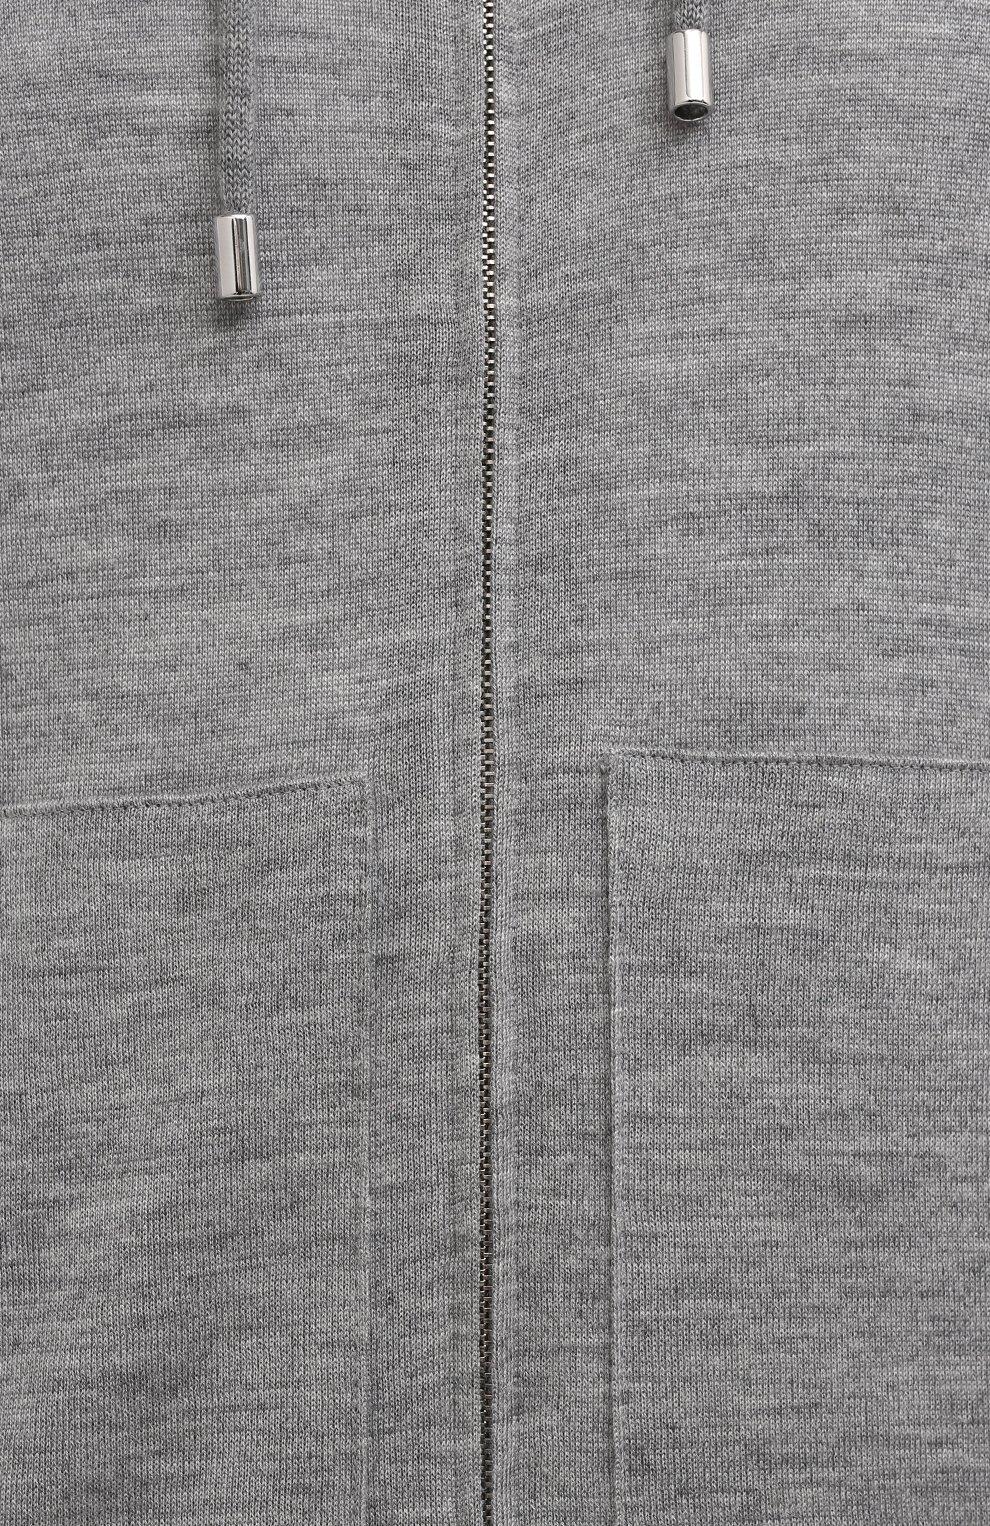 Мужской кардиган из кашемира и шелка FIORONI серого цвета, арт. MK22110E1   Фото 5 (Мужское Кросс-КТ: Кардиган-одежда; Материал внешний: Шерсть, Шелк, Кашемир; Рукава: Длинные; Длина (для топов): Стандартные; Стили: Кэжуэл)